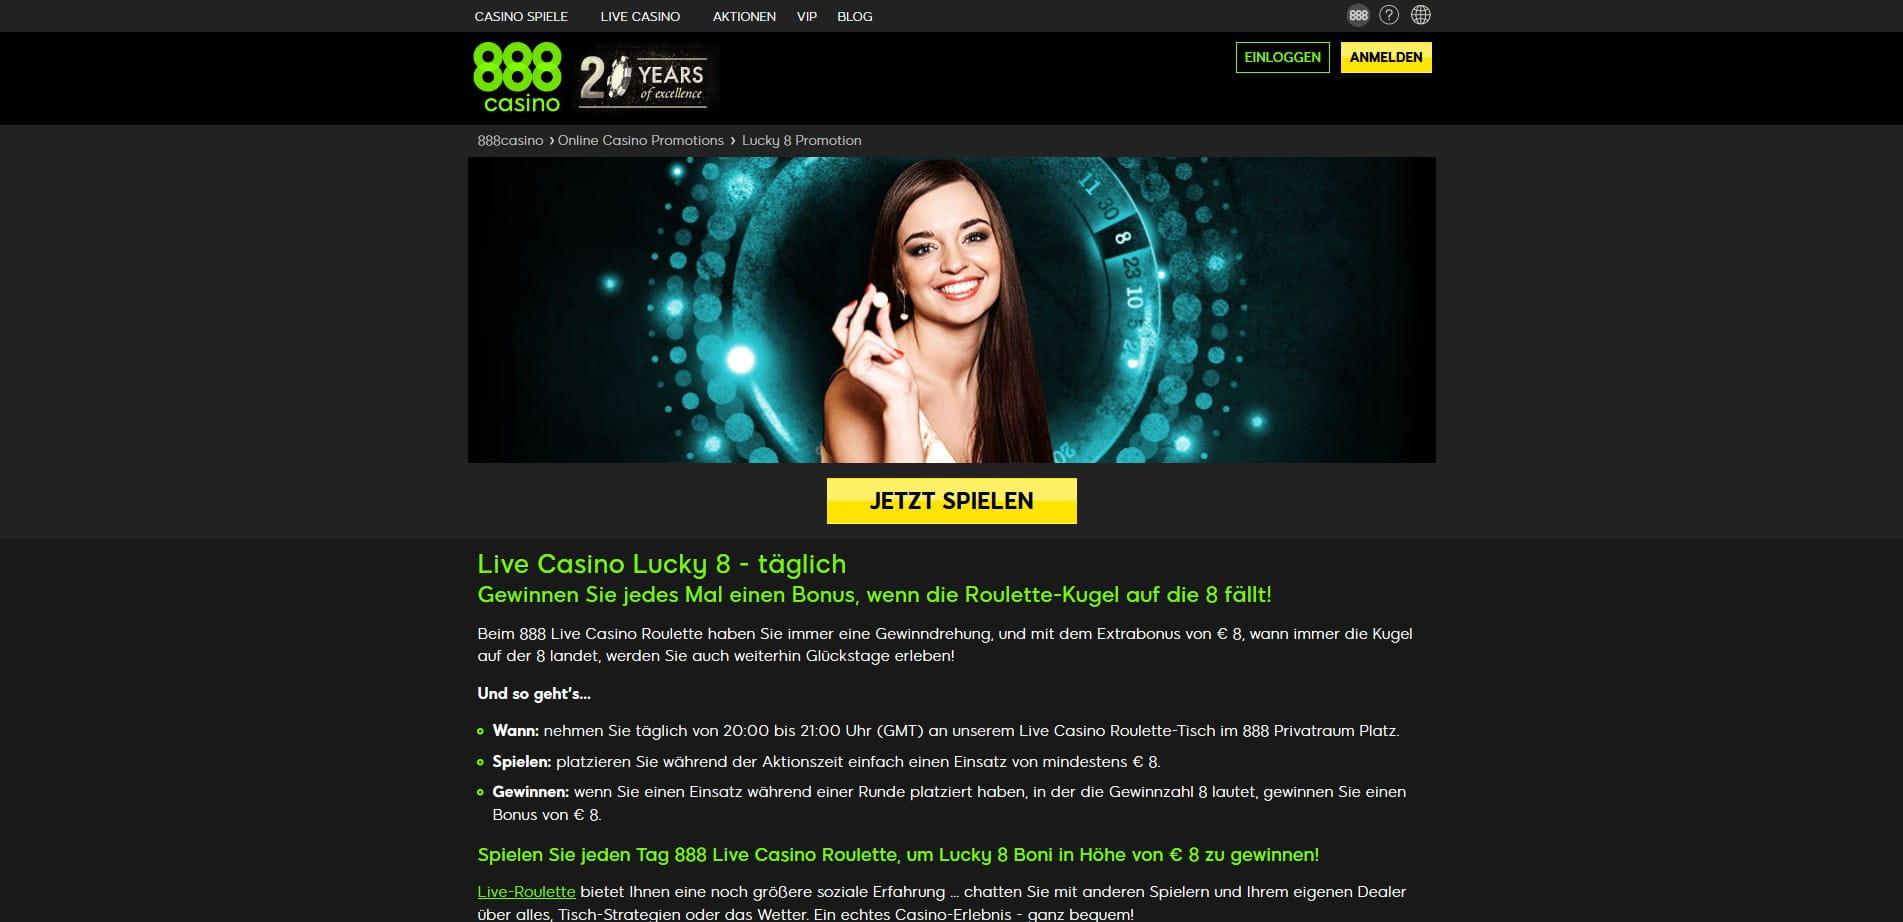 internet spielautomaten bingo um geld casino automaten spielen